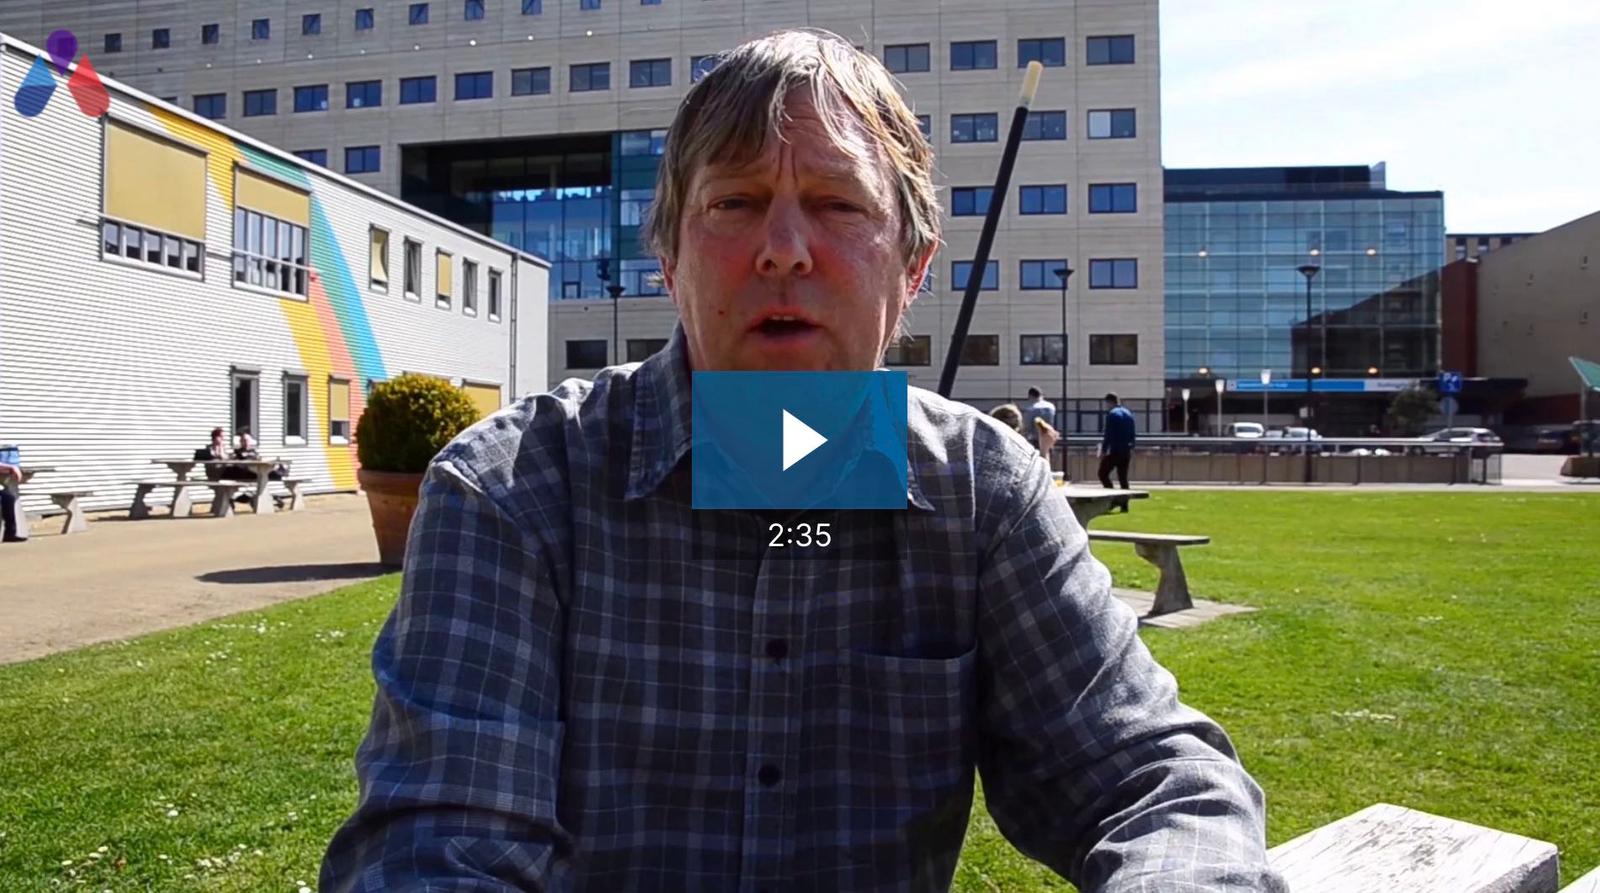 Meridian帮助Radboud简化工程和维护之间的数据切换